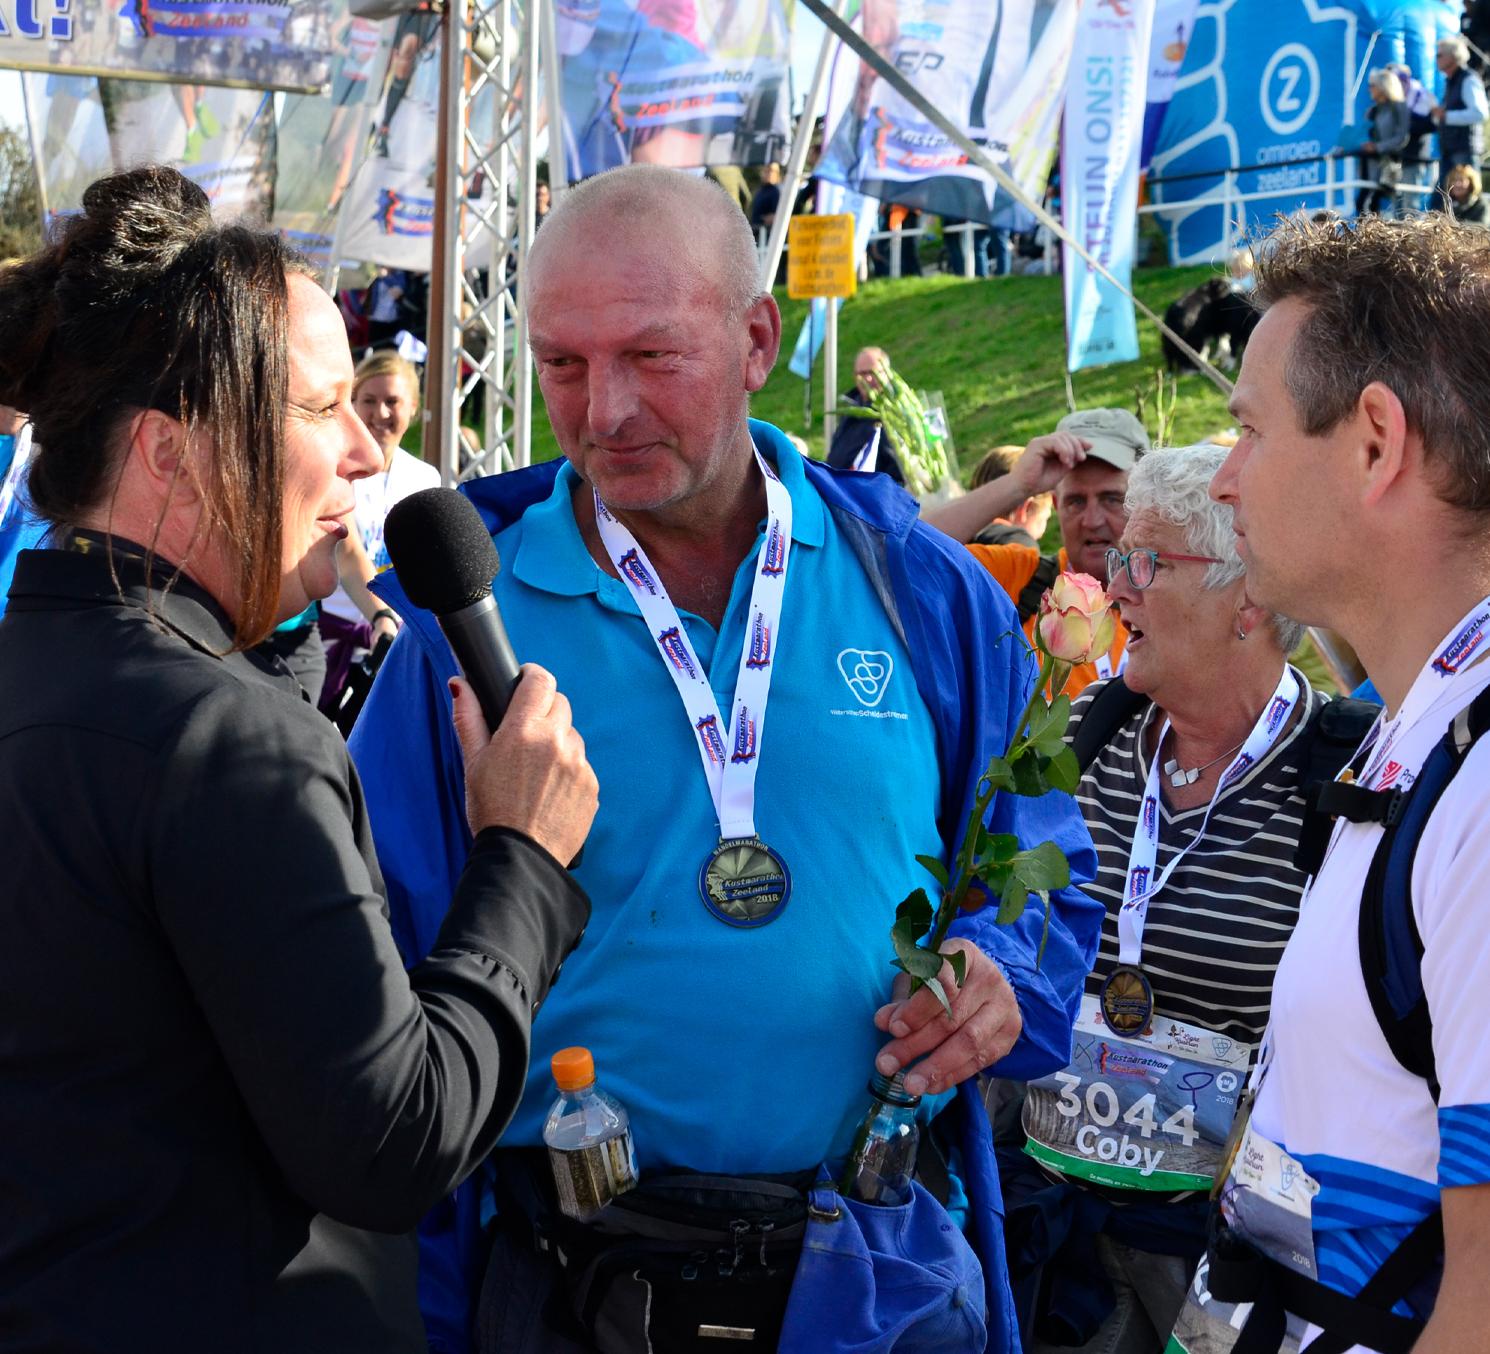 Kustmarathon_sq_interview